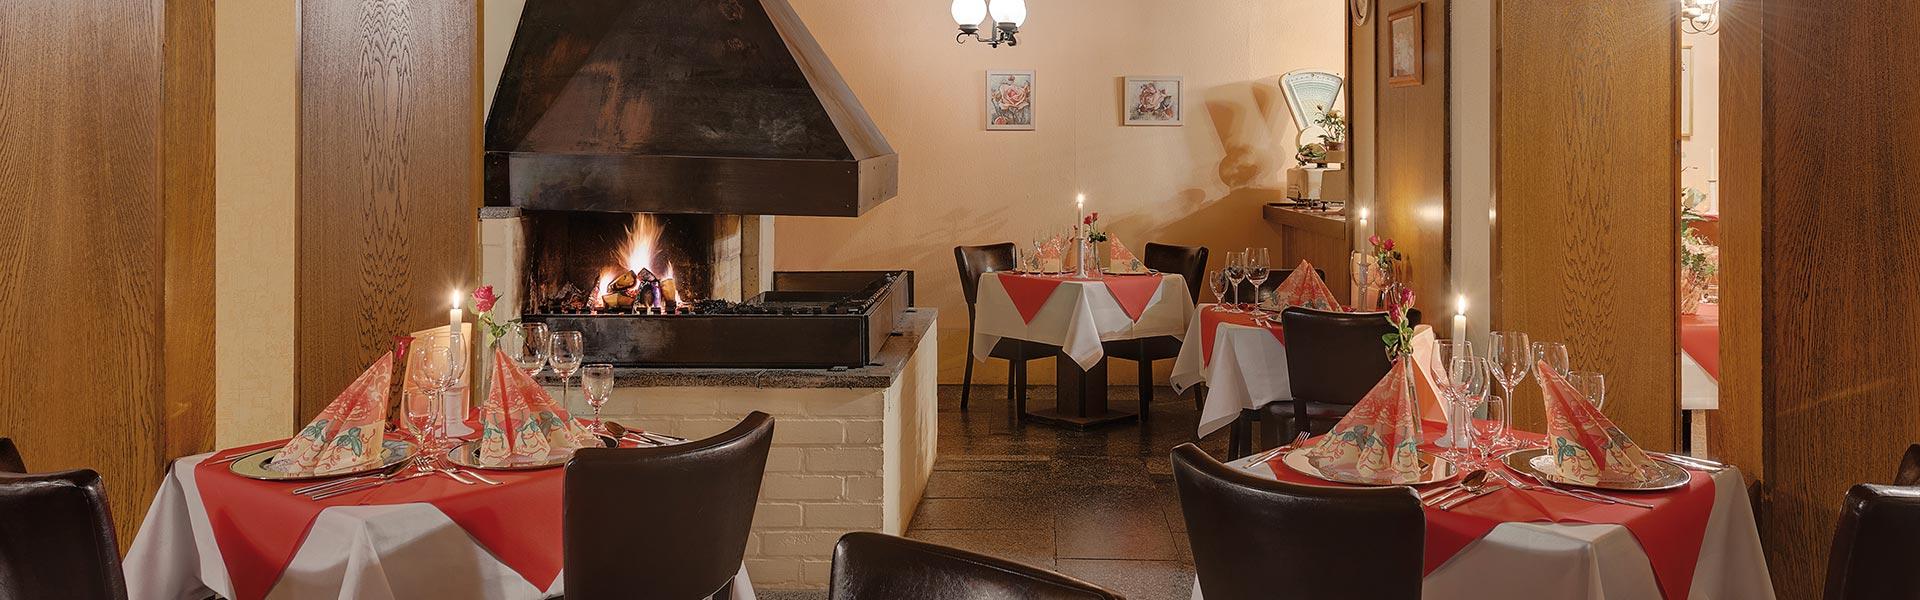 Kaminstube im Schlossberghotel Oberhof, Candle-Light-Dinner für Paare